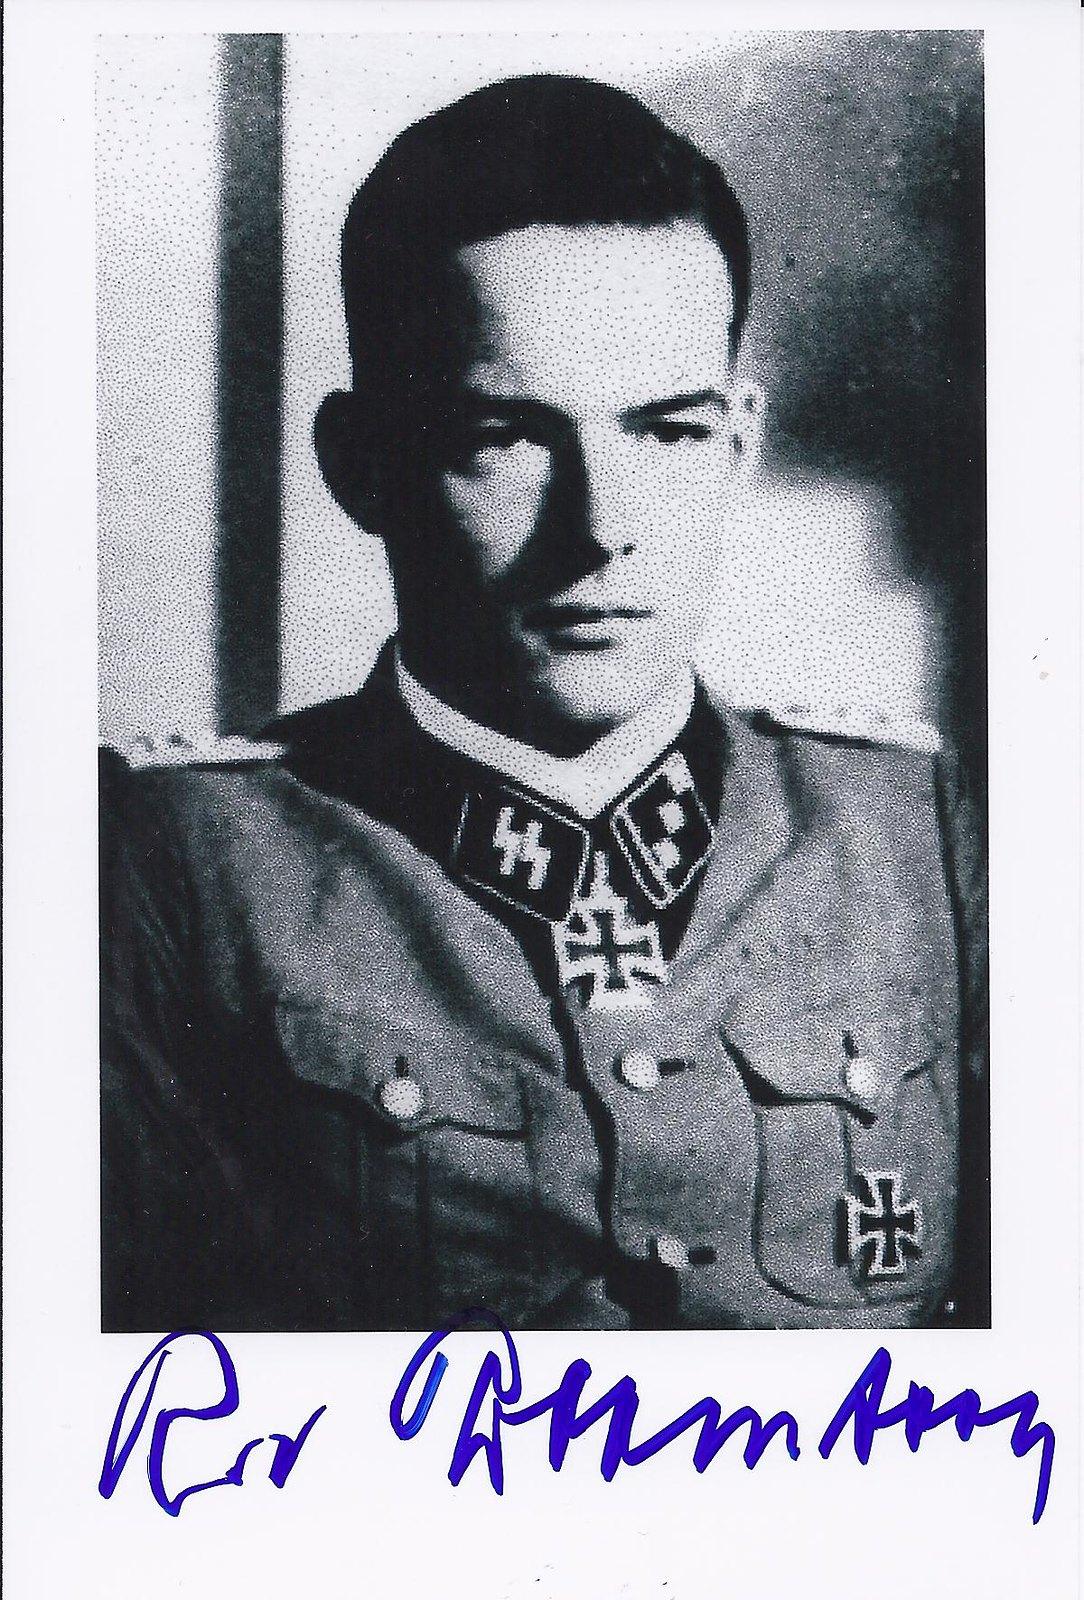 Panzer Ace Rudolf von Ribbentrop | Flickr - Photo Sharing!  Panzer Ace Rudo...